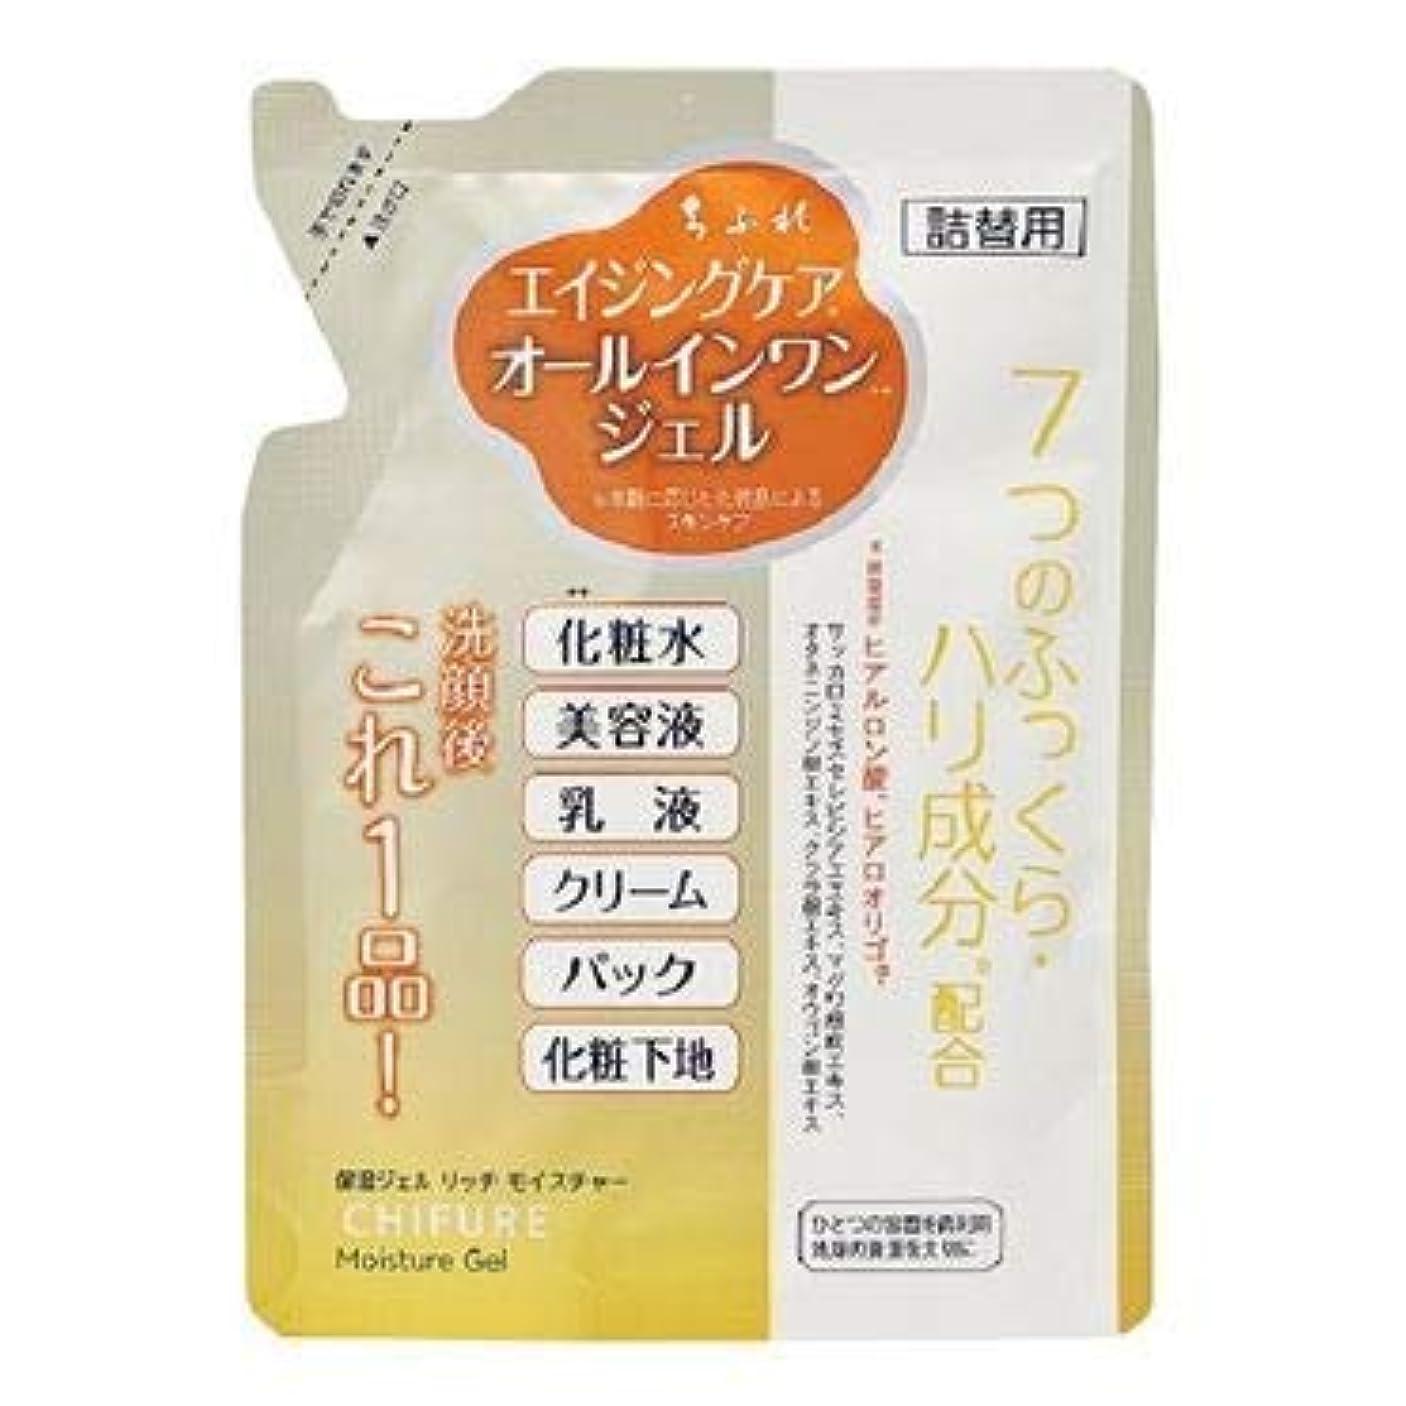 解決する勝者プロテスタントちふれ化粧品 保湿ジェル リッチモイスチャータイプ 108g (詰替)